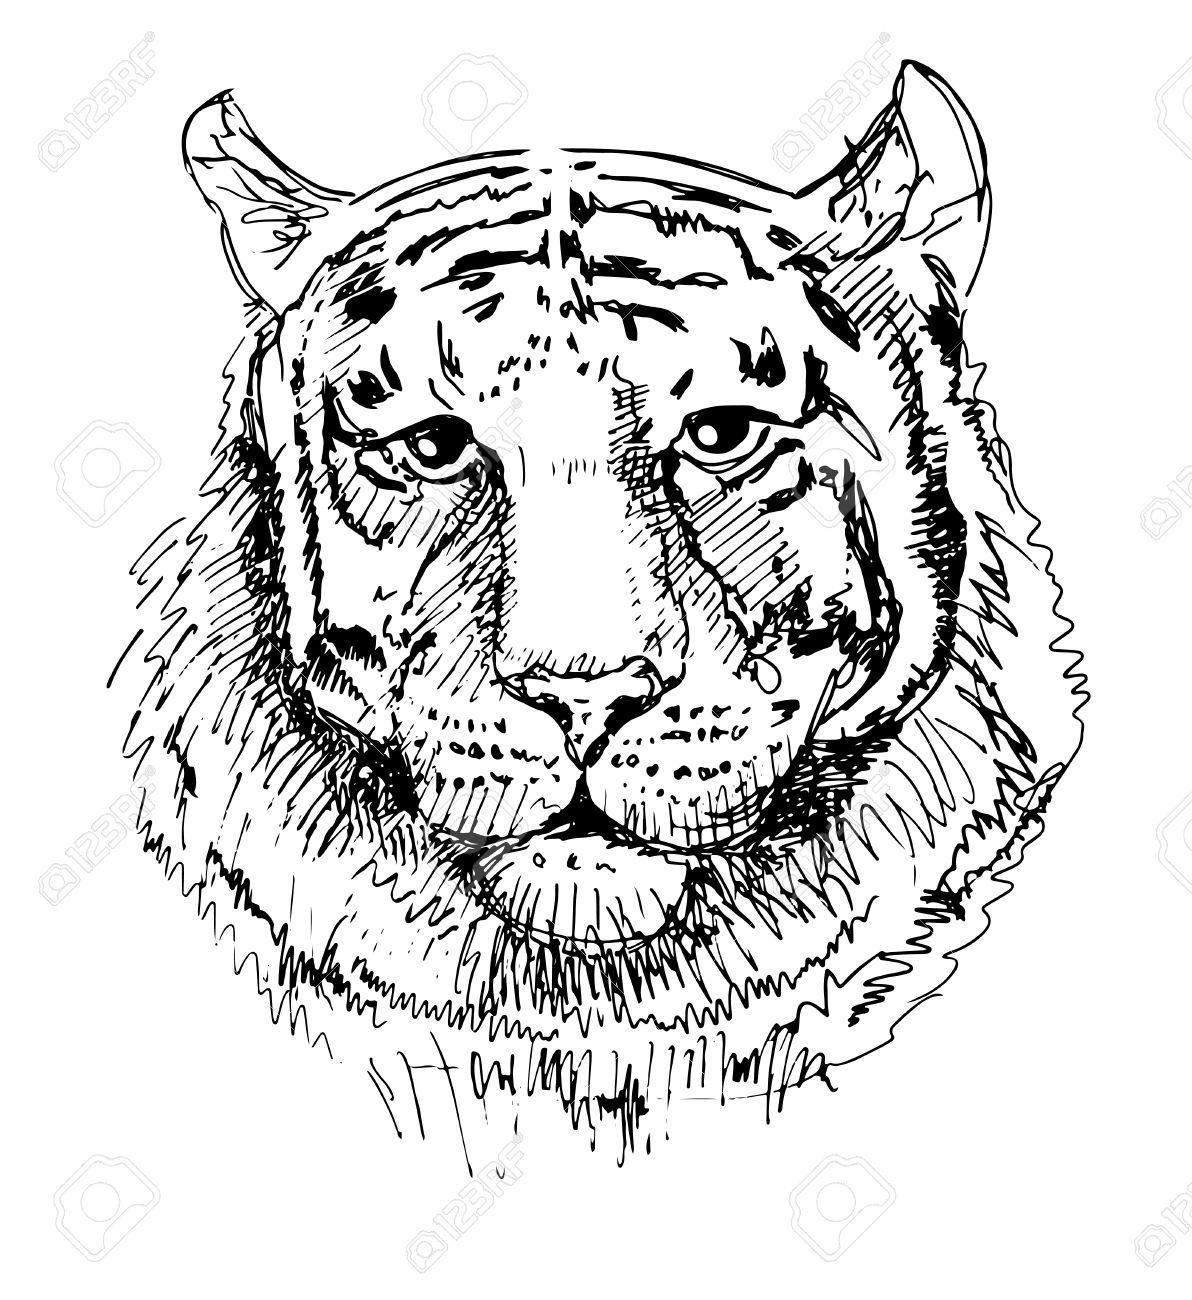 Motifs Tigre, Croquis Dessin En Noir Et Blanc, Isolé Sur Fond Blanc.  Animaux De Tête Illustration Vectorielle pour Dessin Noir Et Blanc Animaux